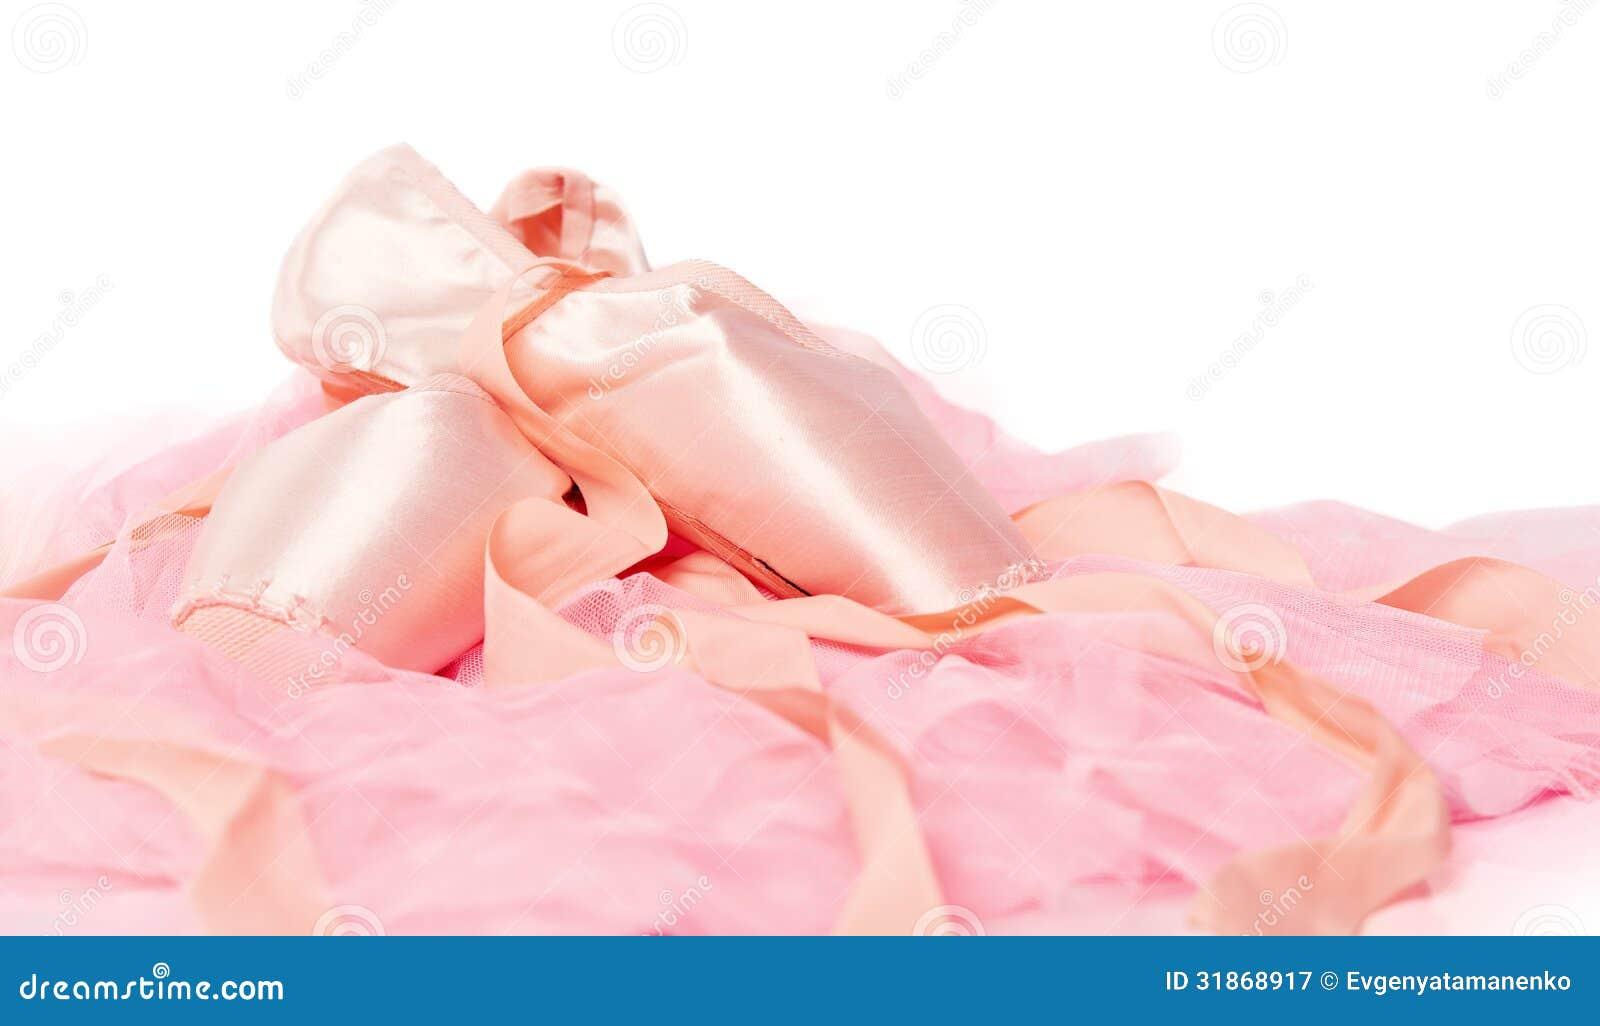 Ботинки балета на розовой изолированной ткани